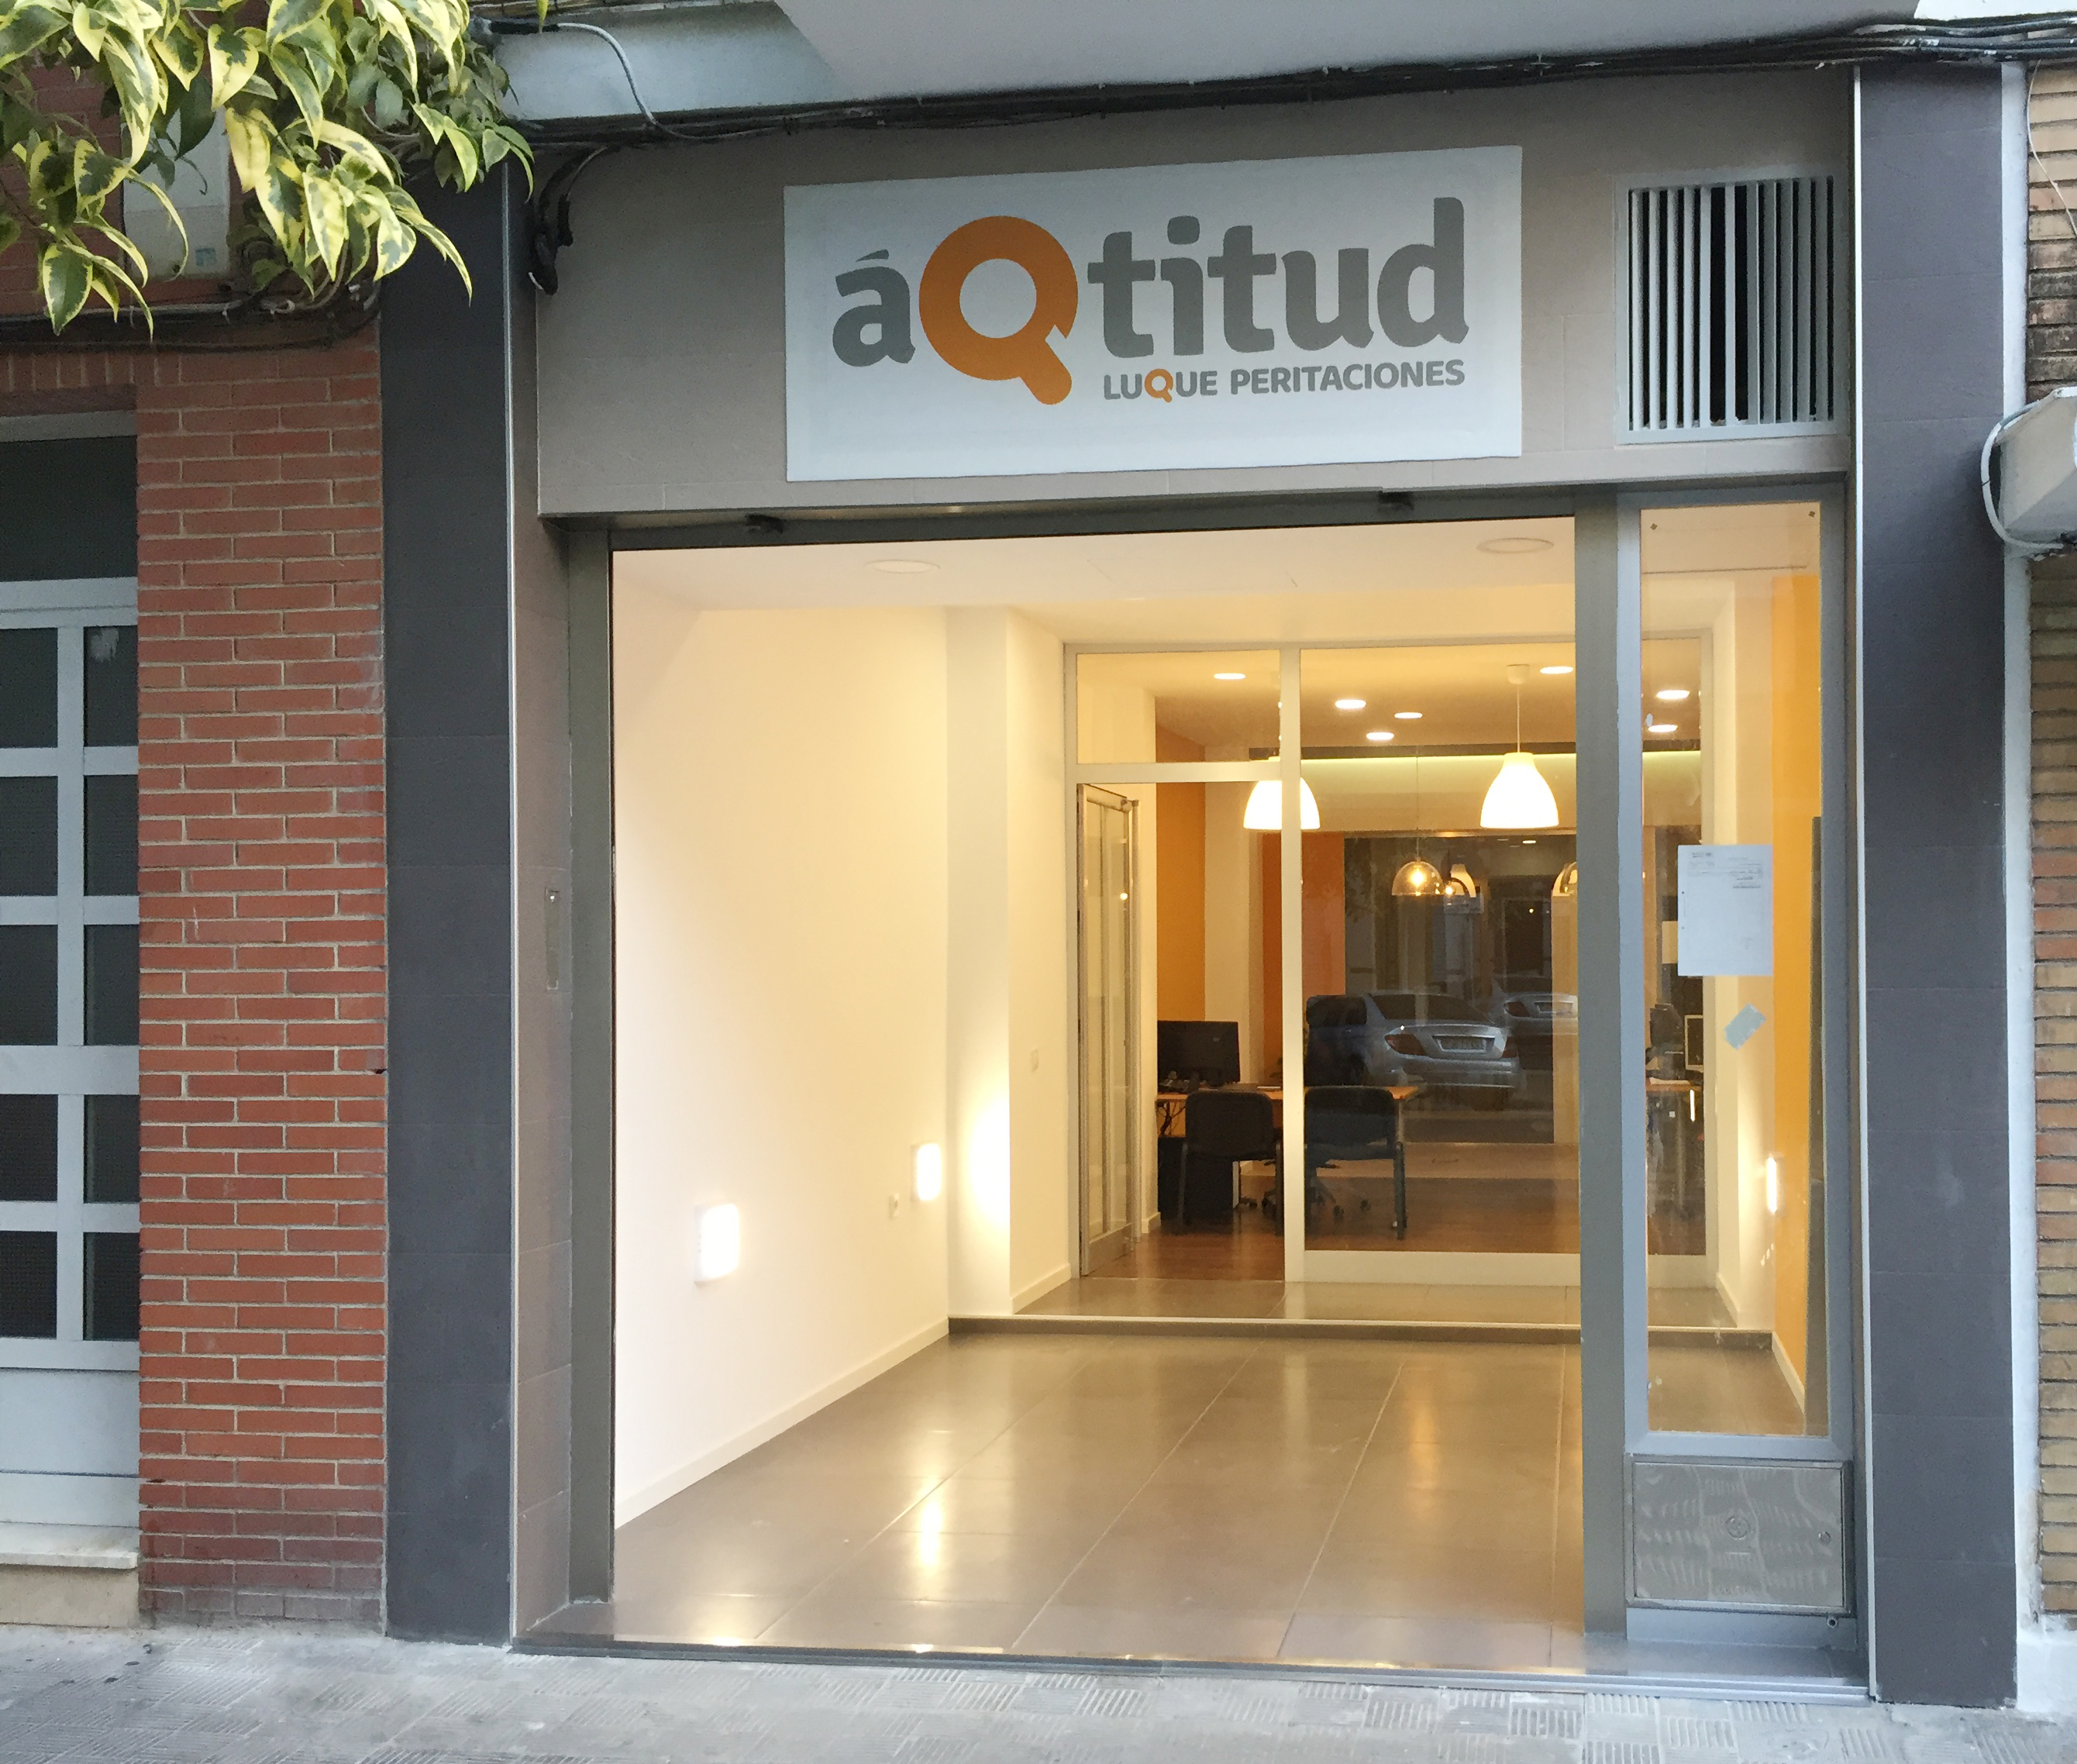 Áqtitud Luque Peritaciones estrena instalaciones y Centro de Peritaciones